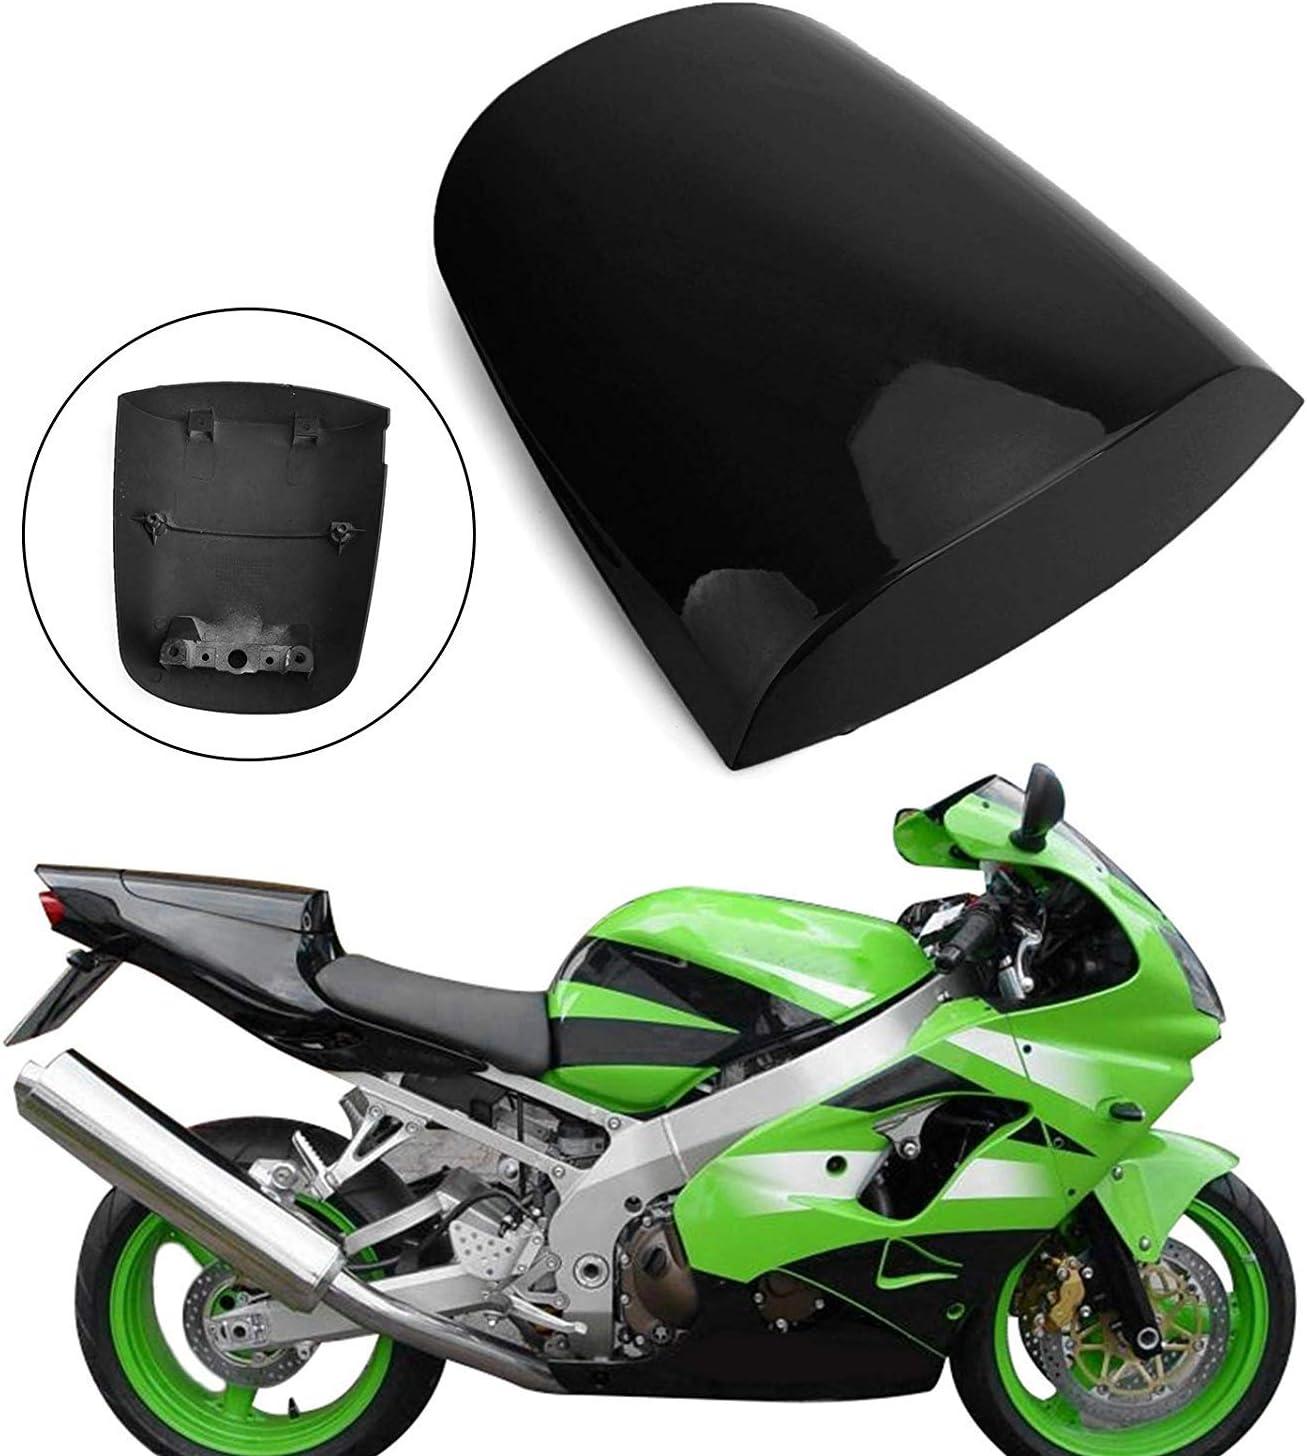 coprisella Compatibile Compatibile per cupolino coprivaso Compatibile Compatibile per KAWASA-KI ZX9R 2000-2005 Coprisedile posteriore Compatibile Compatibile per motocicletta passeggero passeggero